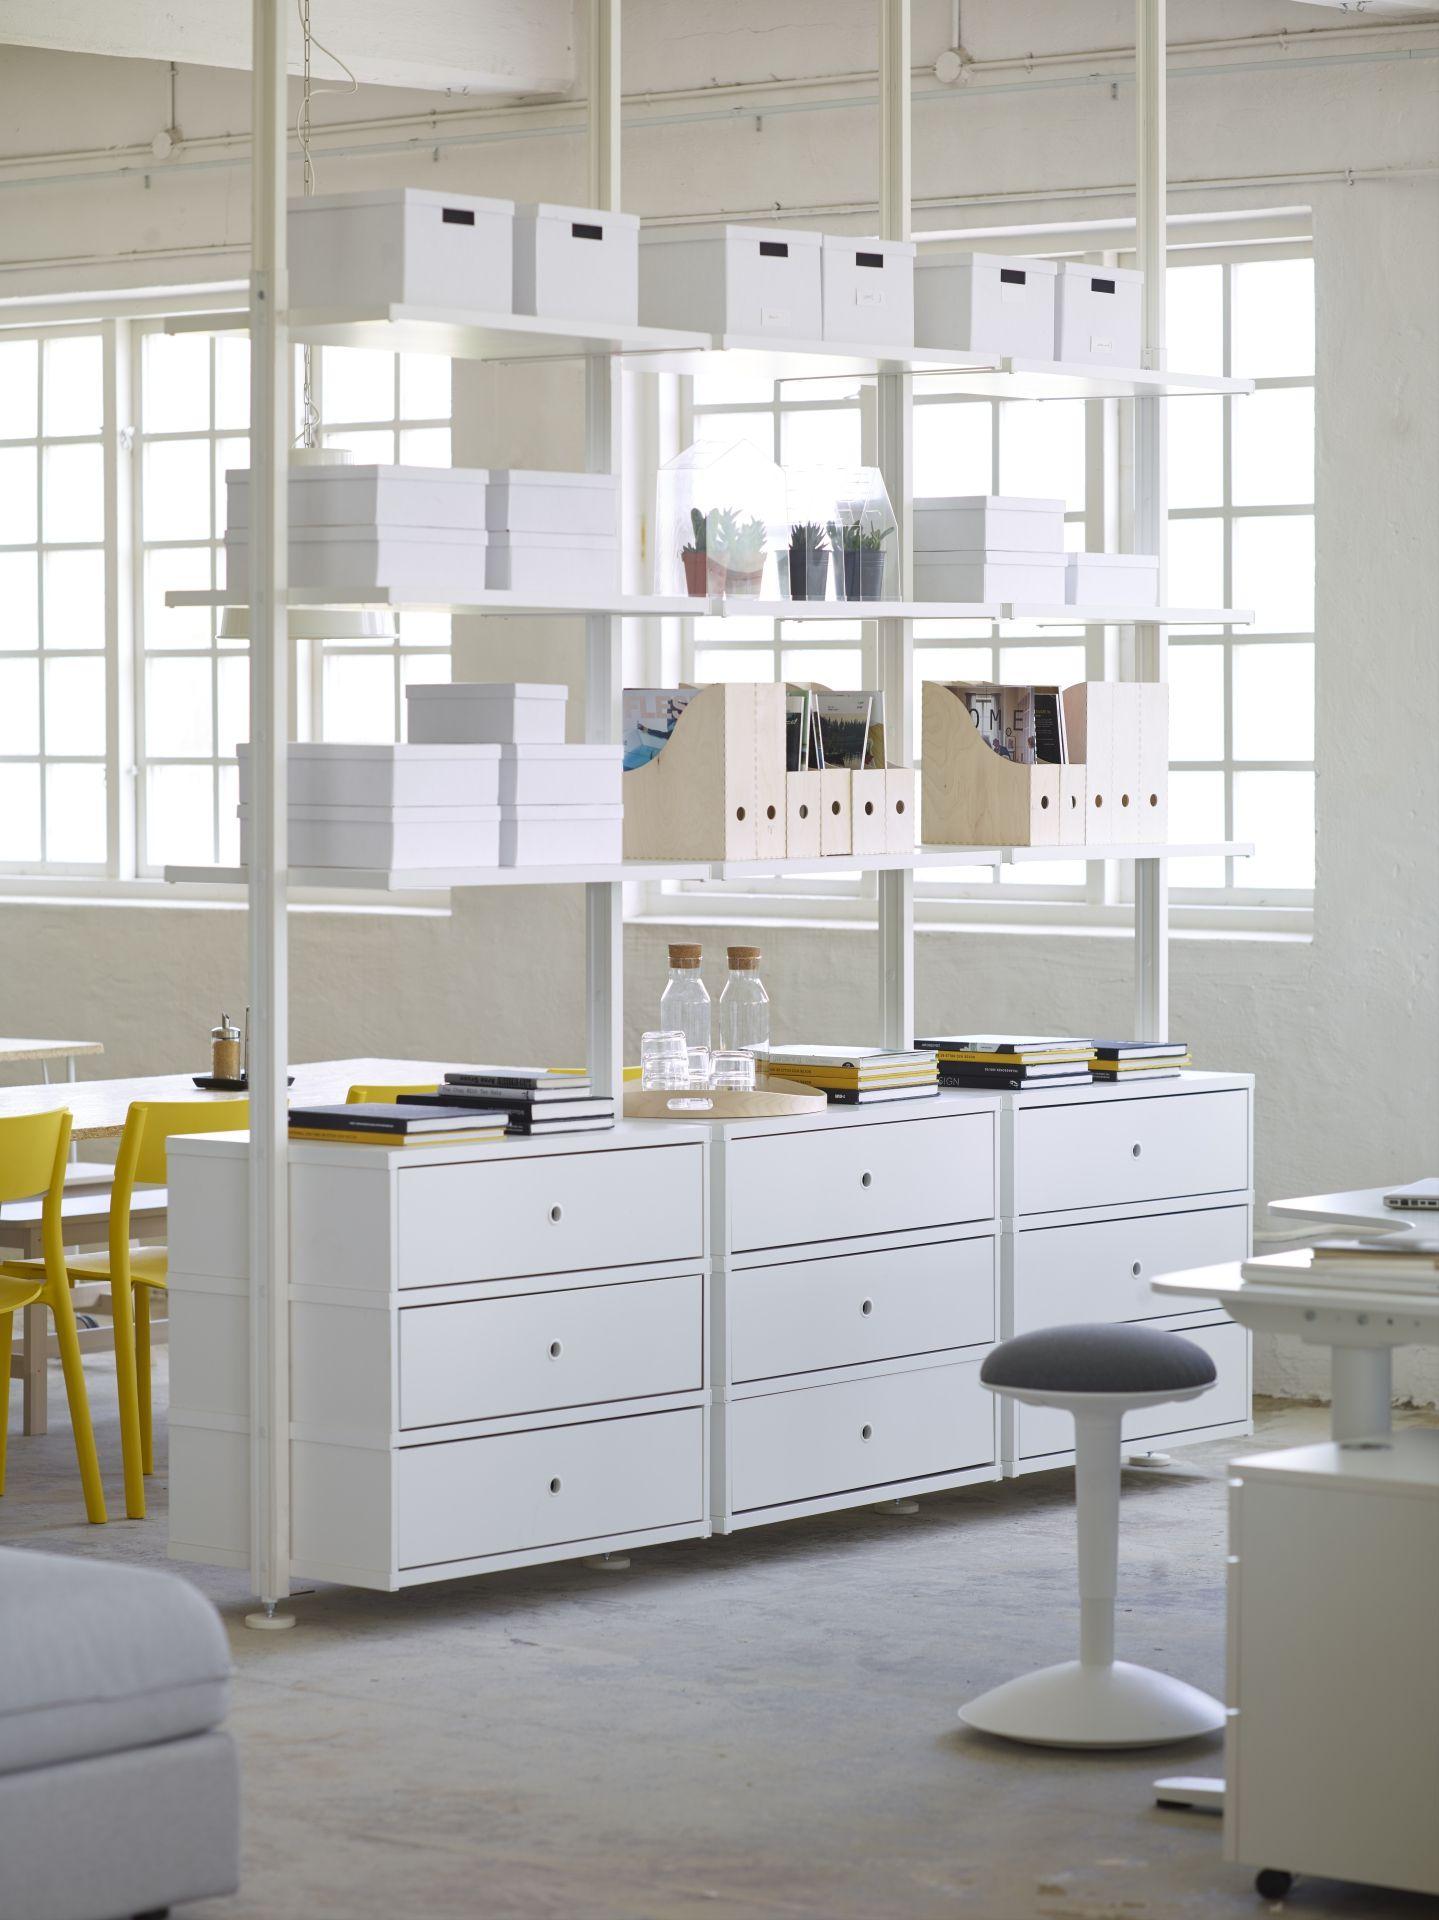 mehr als nur ein regal aufbewahrungskombinationen k nnen im gro raumb ro auch raumtrenner. Black Bedroom Furniture Sets. Home Design Ideas